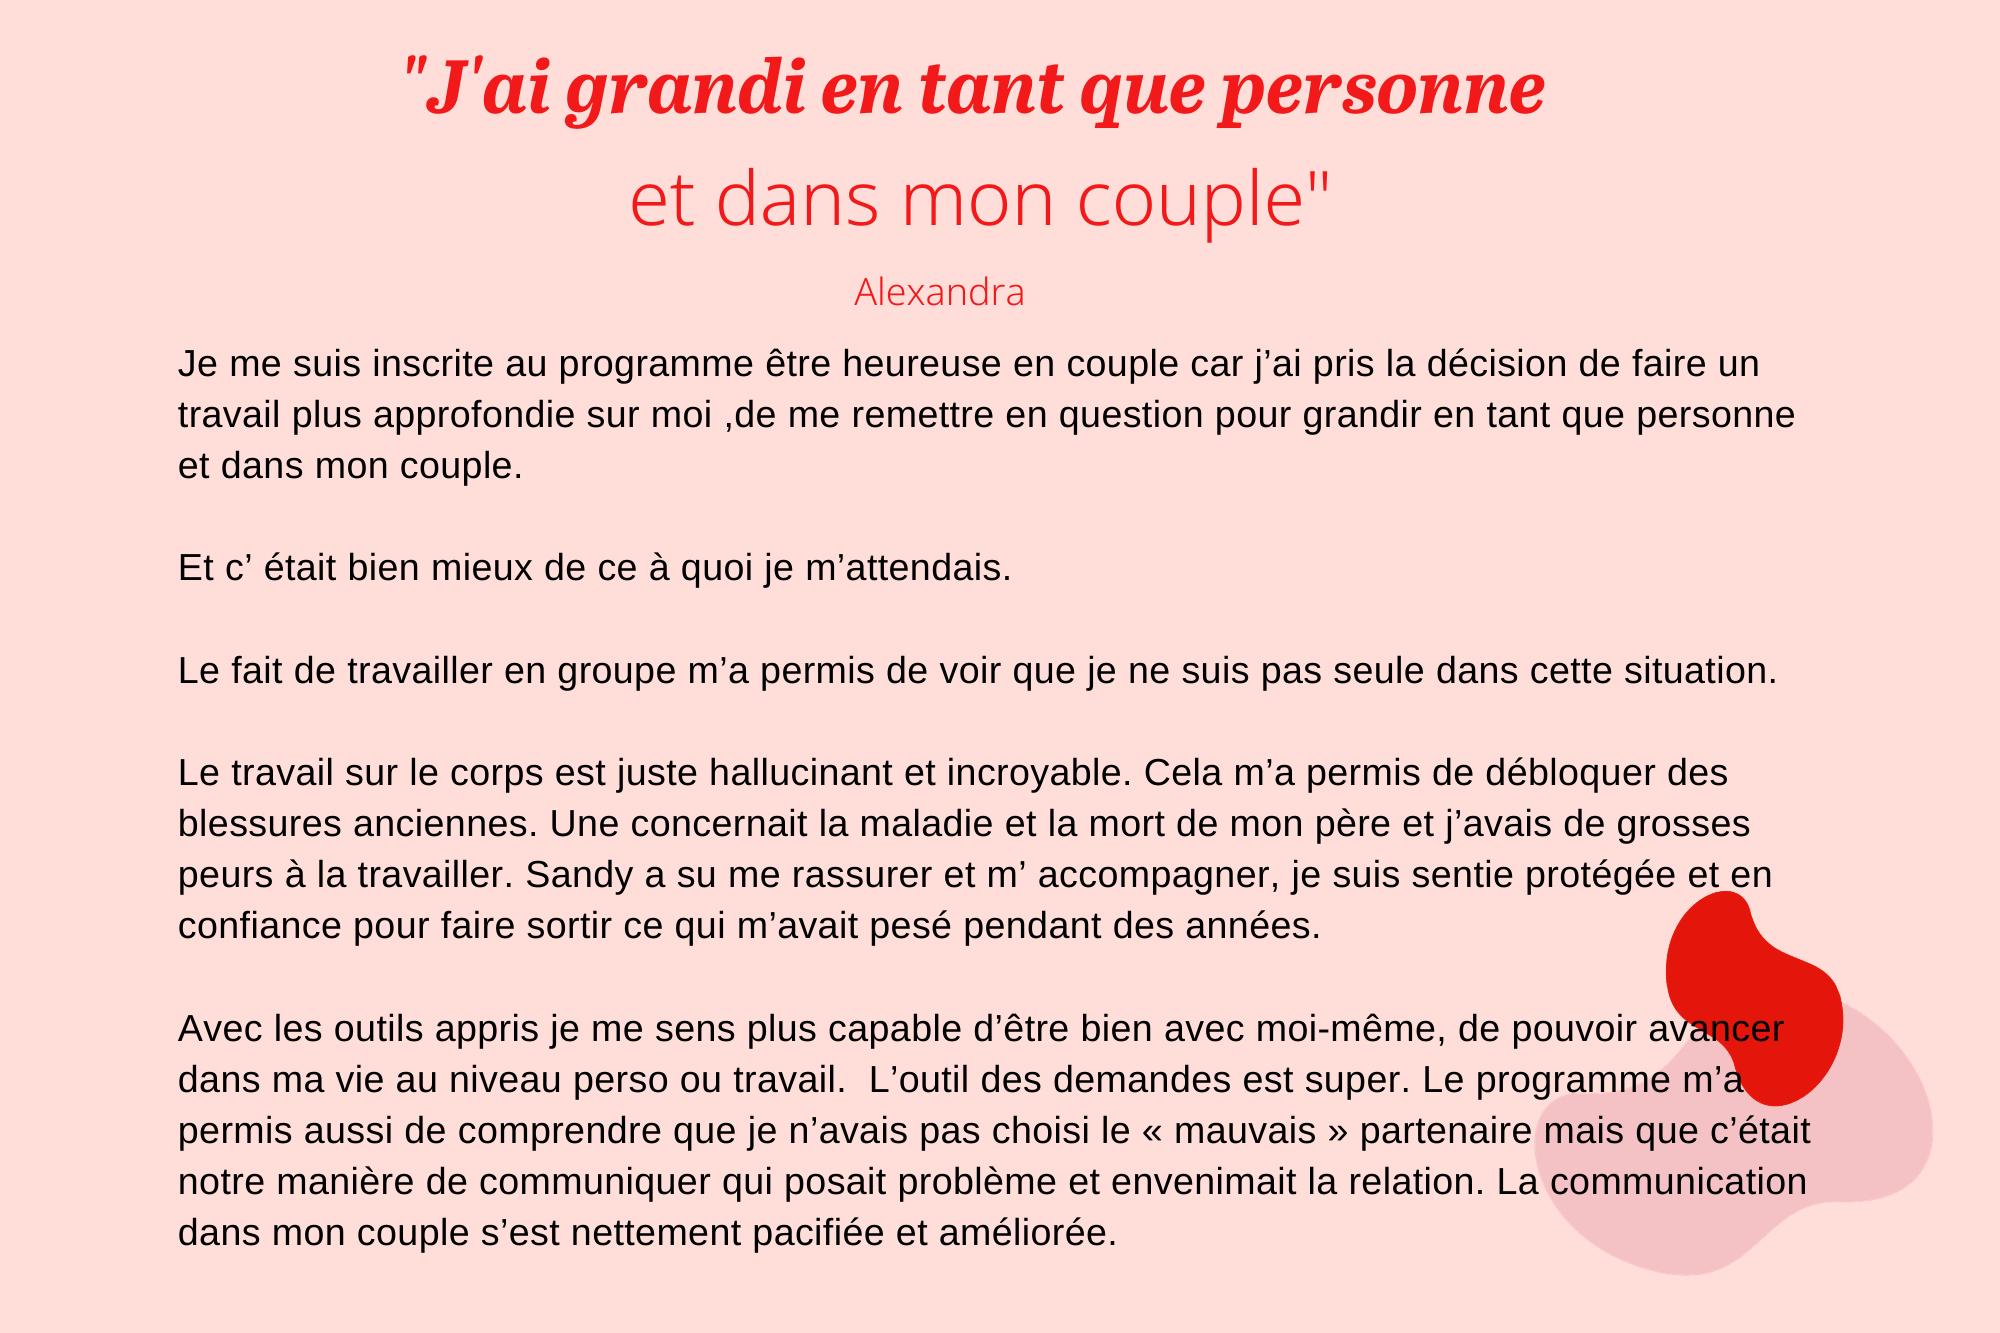 FR_Temoignage_coachamour_j'ai grandi en tant que personne et dans mon couple